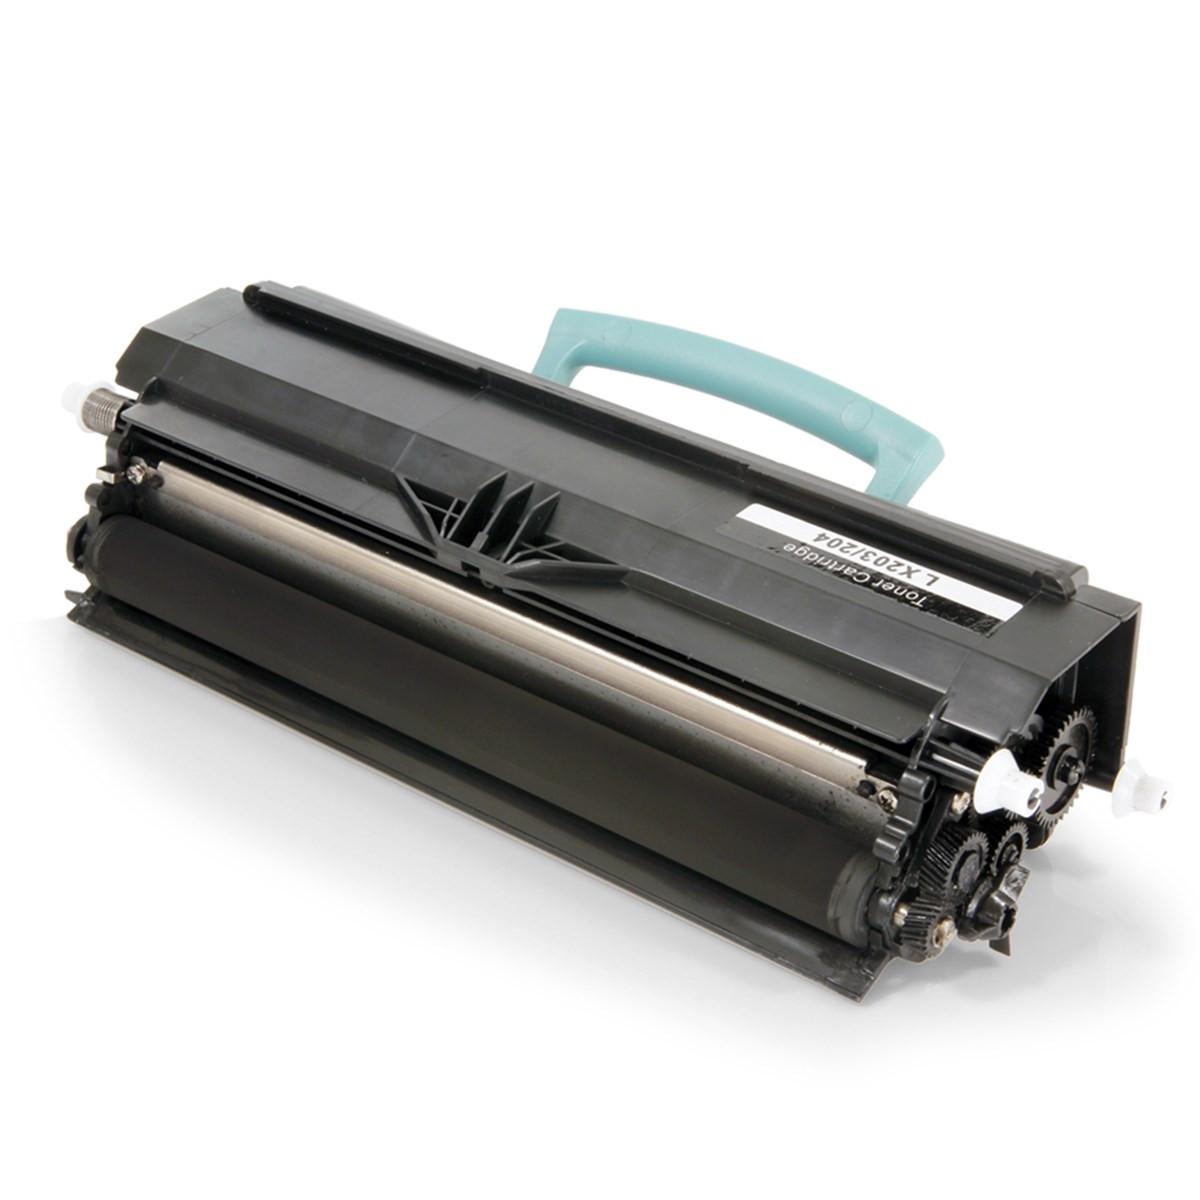 Toner Compatível com Lexmark E250 E350 E352 E352DN E250DN E250D E350D E250A11L Premium Quality 3.5k